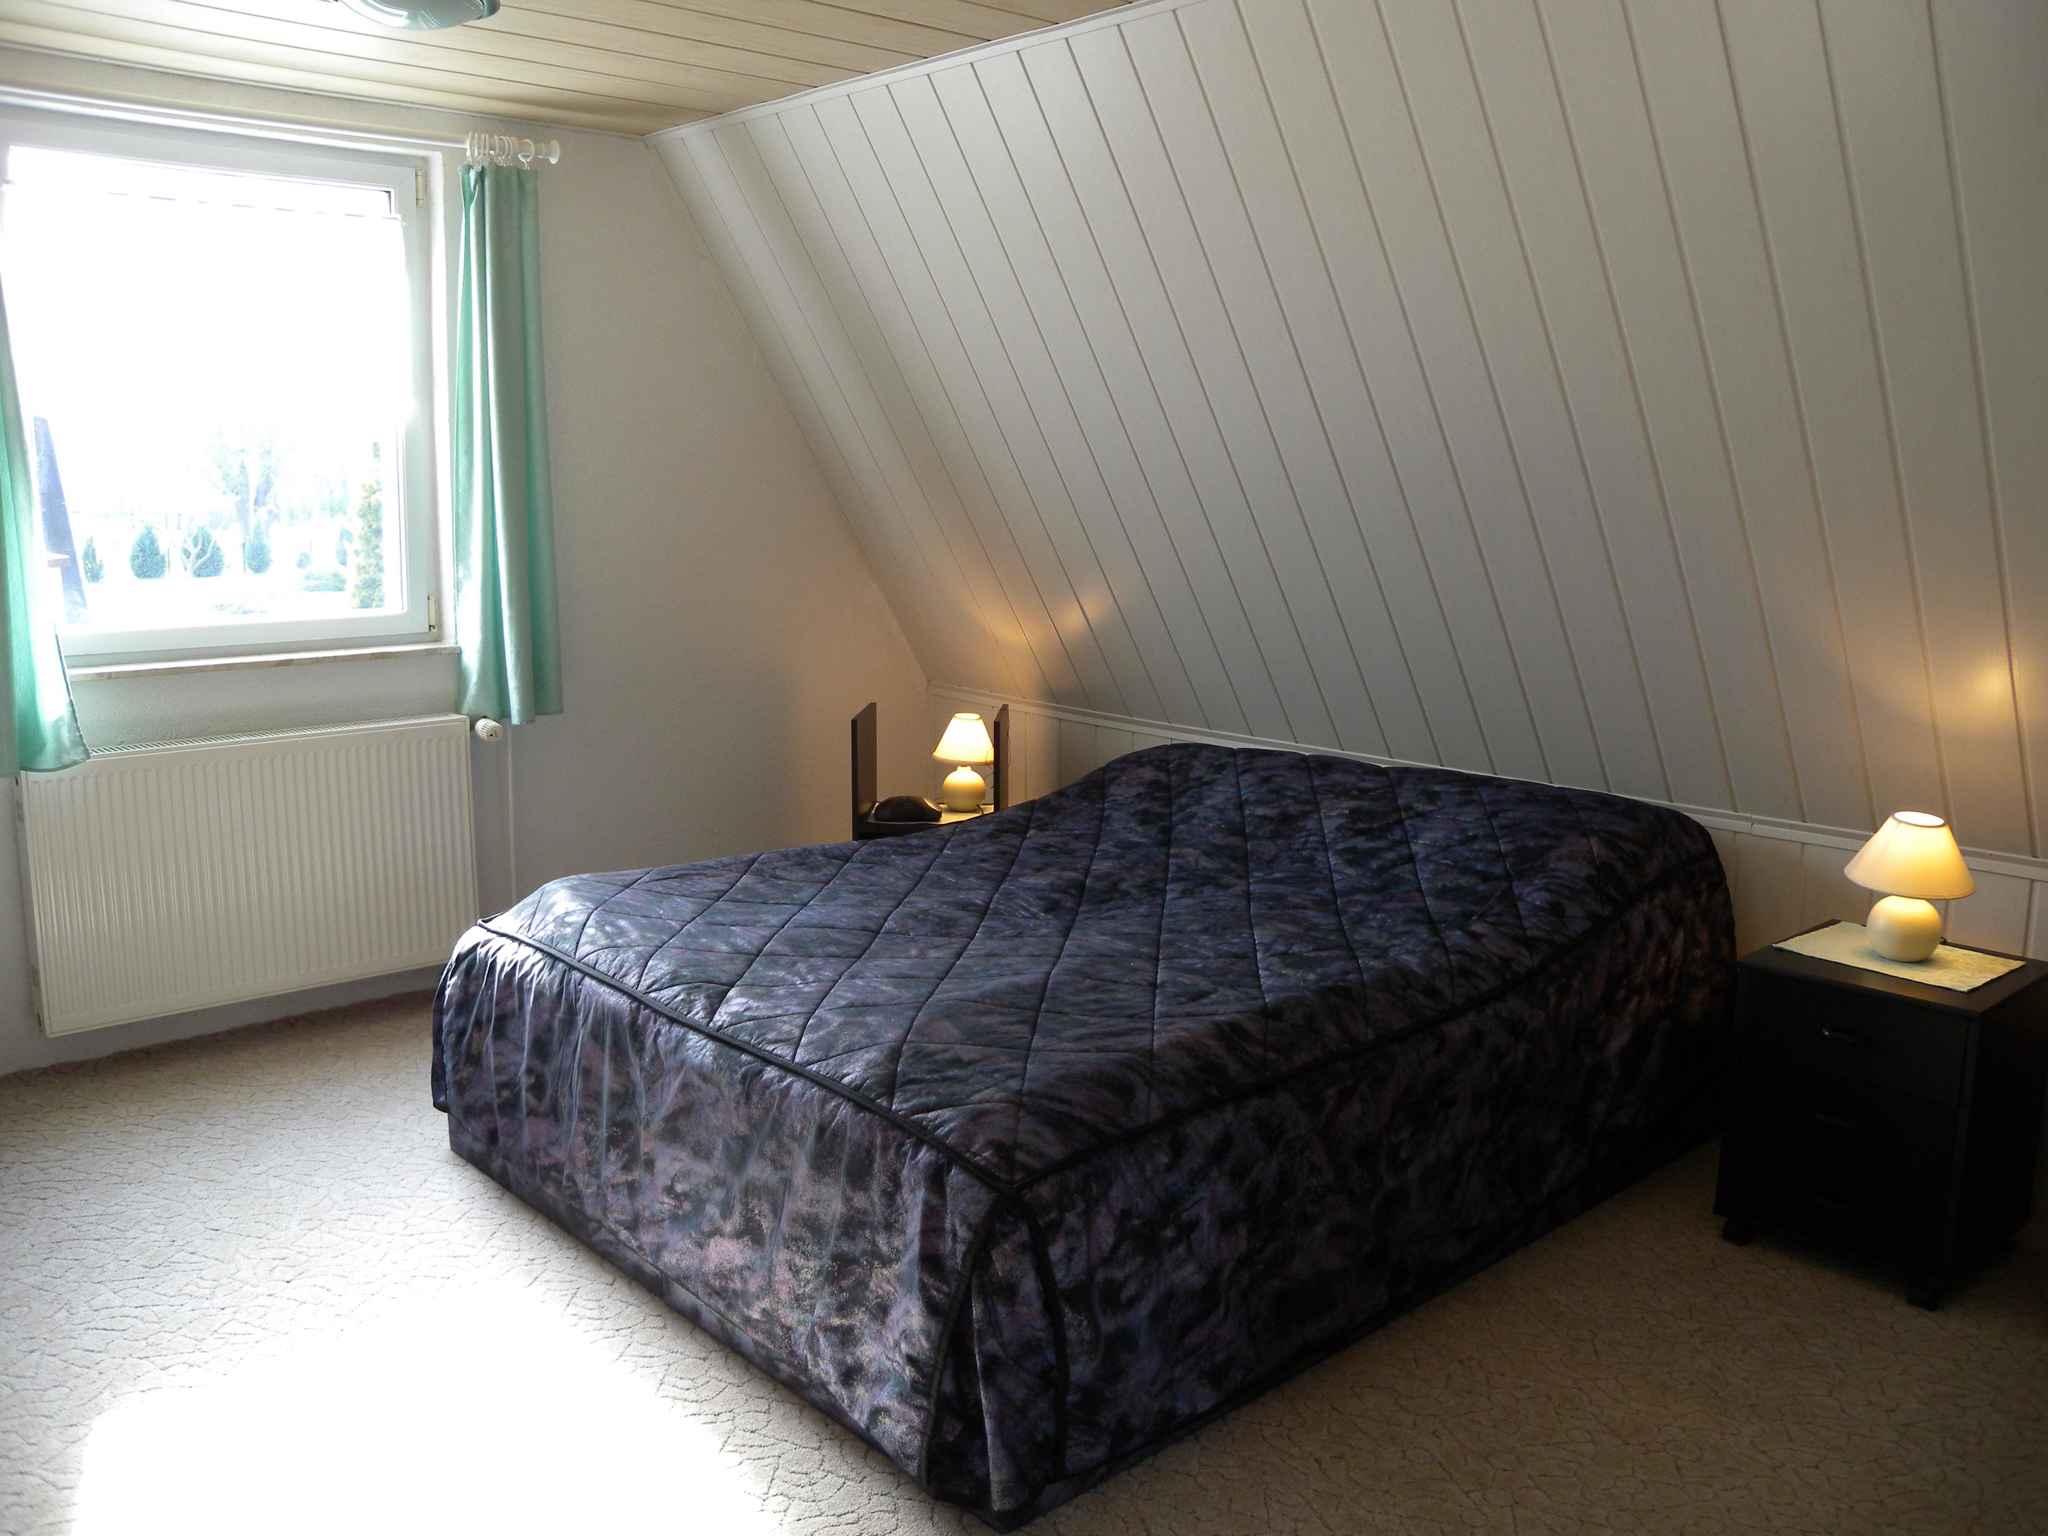 Ferienhaus mit Terrasse und Gartengrundstück (345205), Klein Kedingshagen, Stralsund, Mecklenburg-Vorpommern, Deutschland, Bild 13